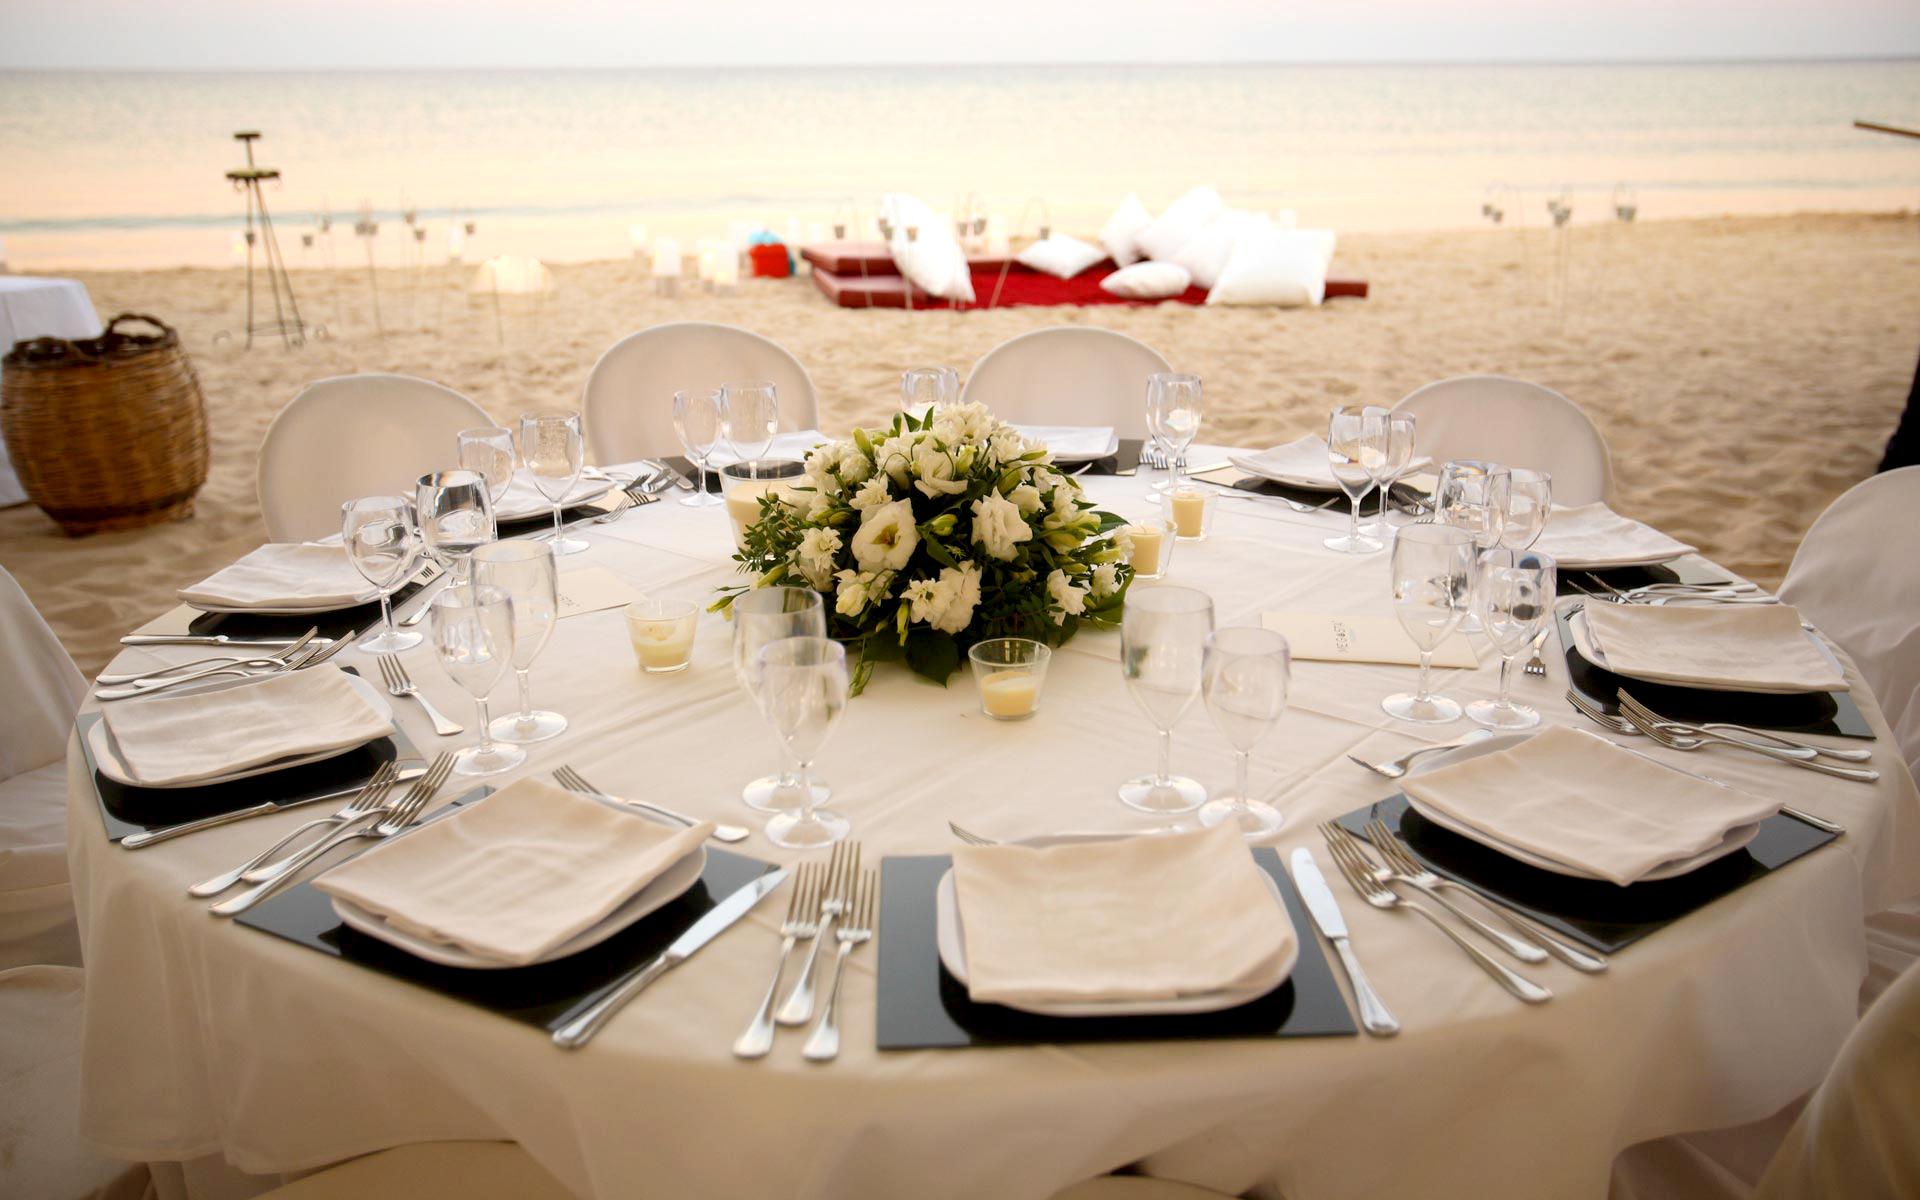 Matrimonio In Spiaggia Addobbi : Villa tamerici dimore sul mare location per eventi speciali